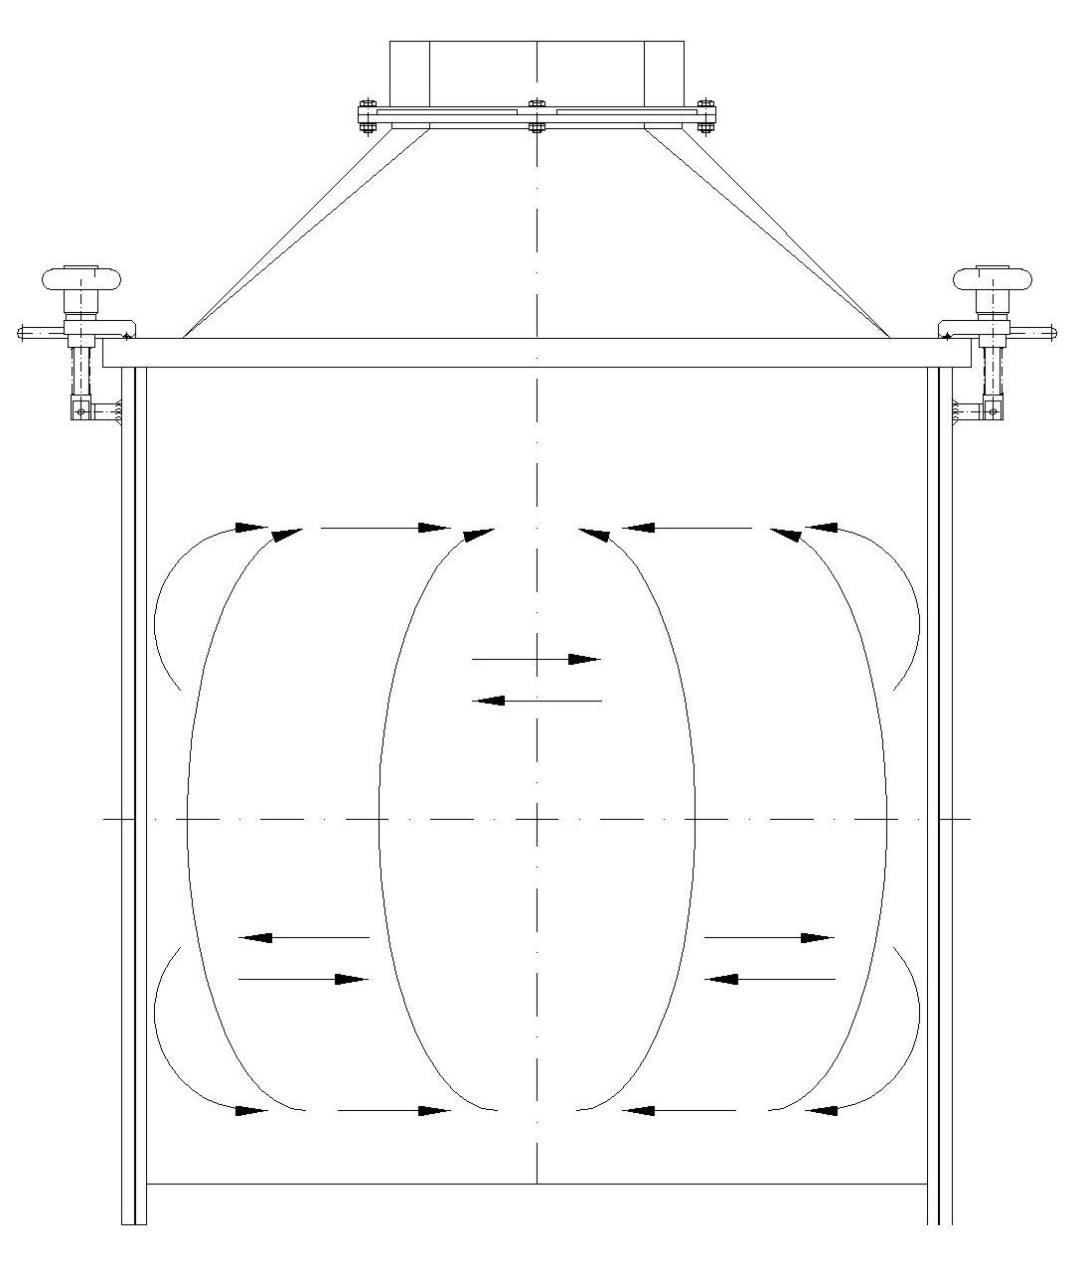 Schemat przemieszczanie surowca w czasie procesu mieszania.